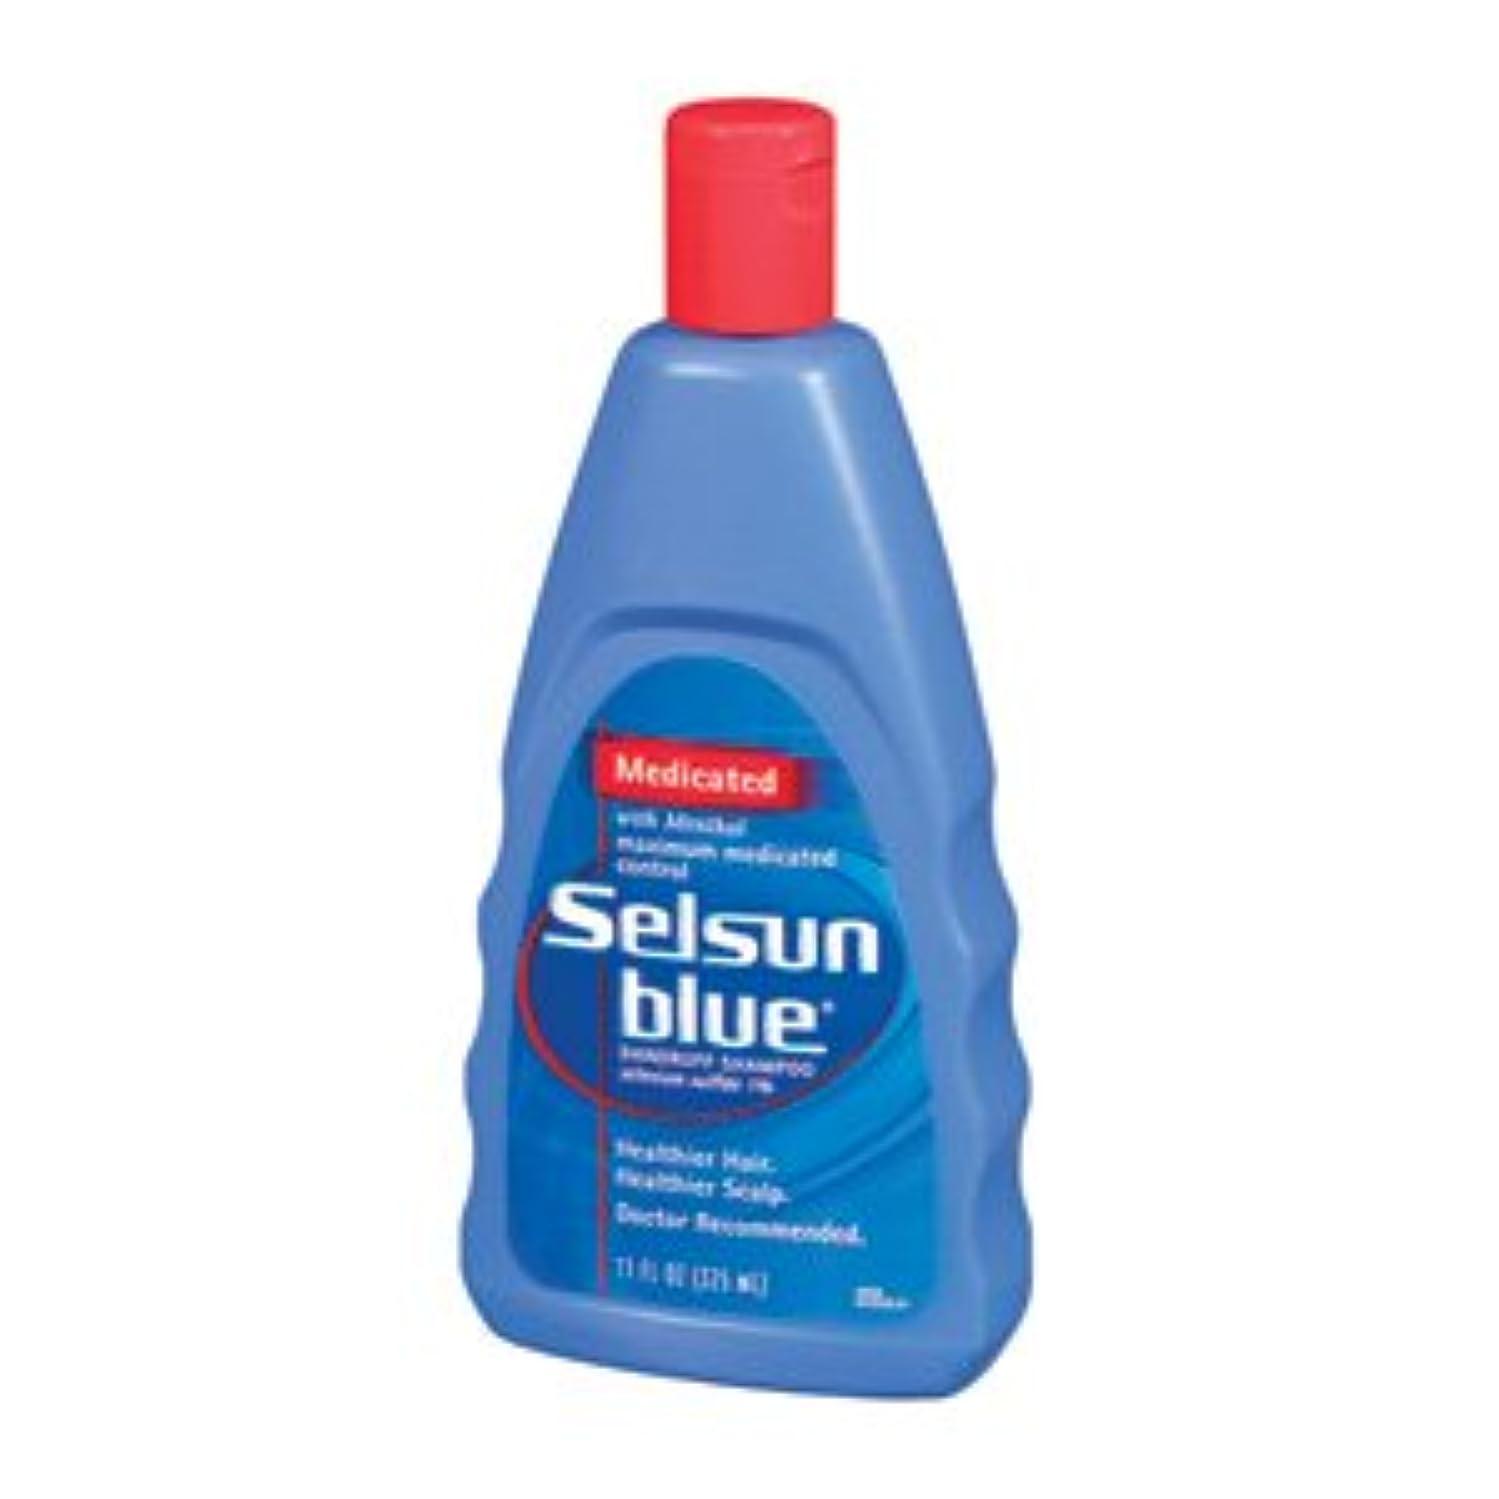 悪化させる医学濃度セルサンブルー Selsun Blue ふけ用薬用シャンプー312ml(海外直送品)